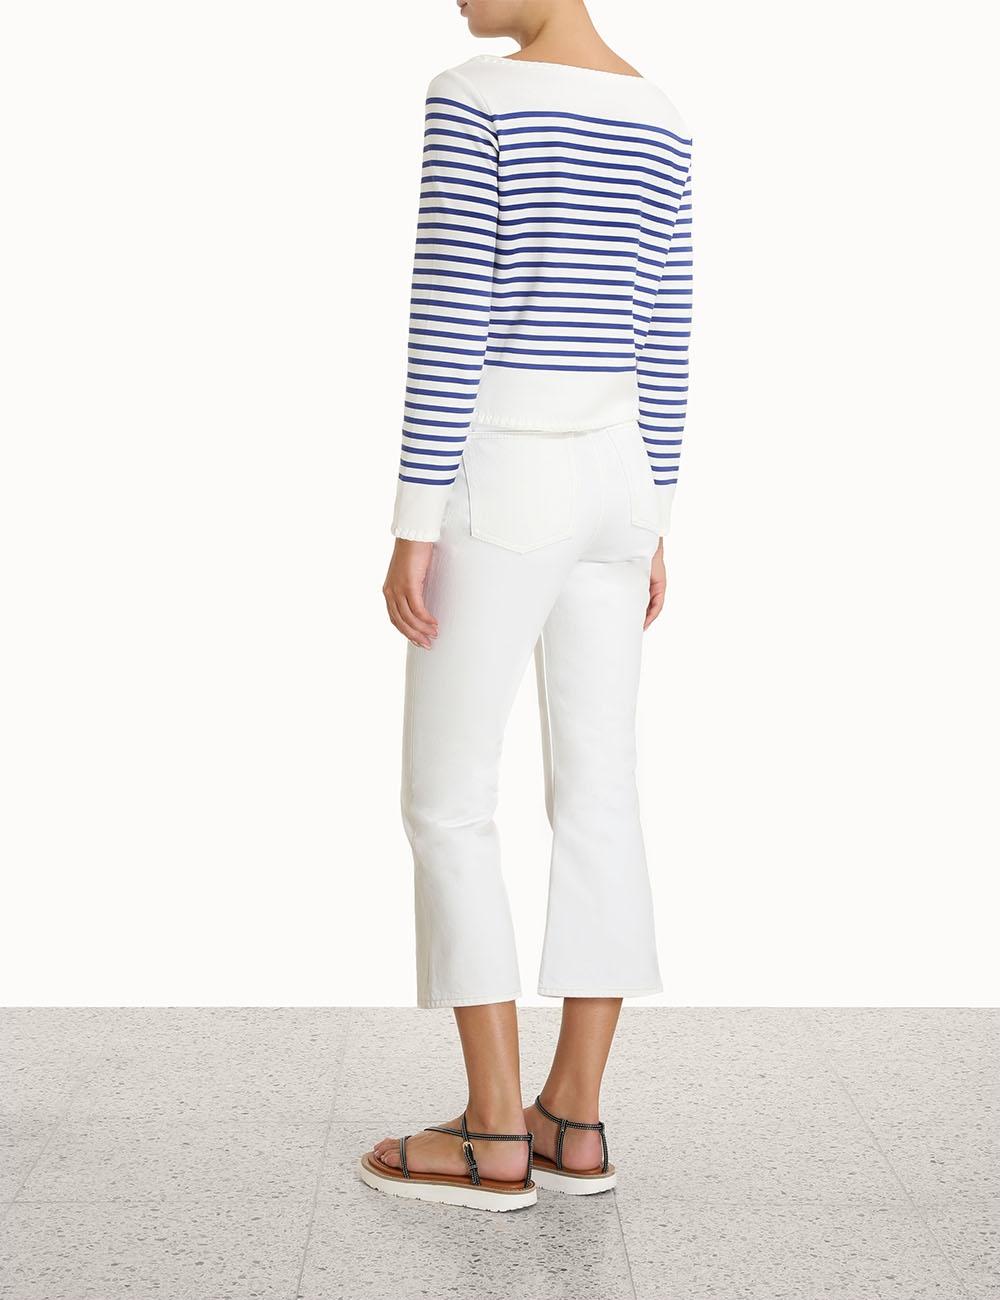 Estelle Stripe Top